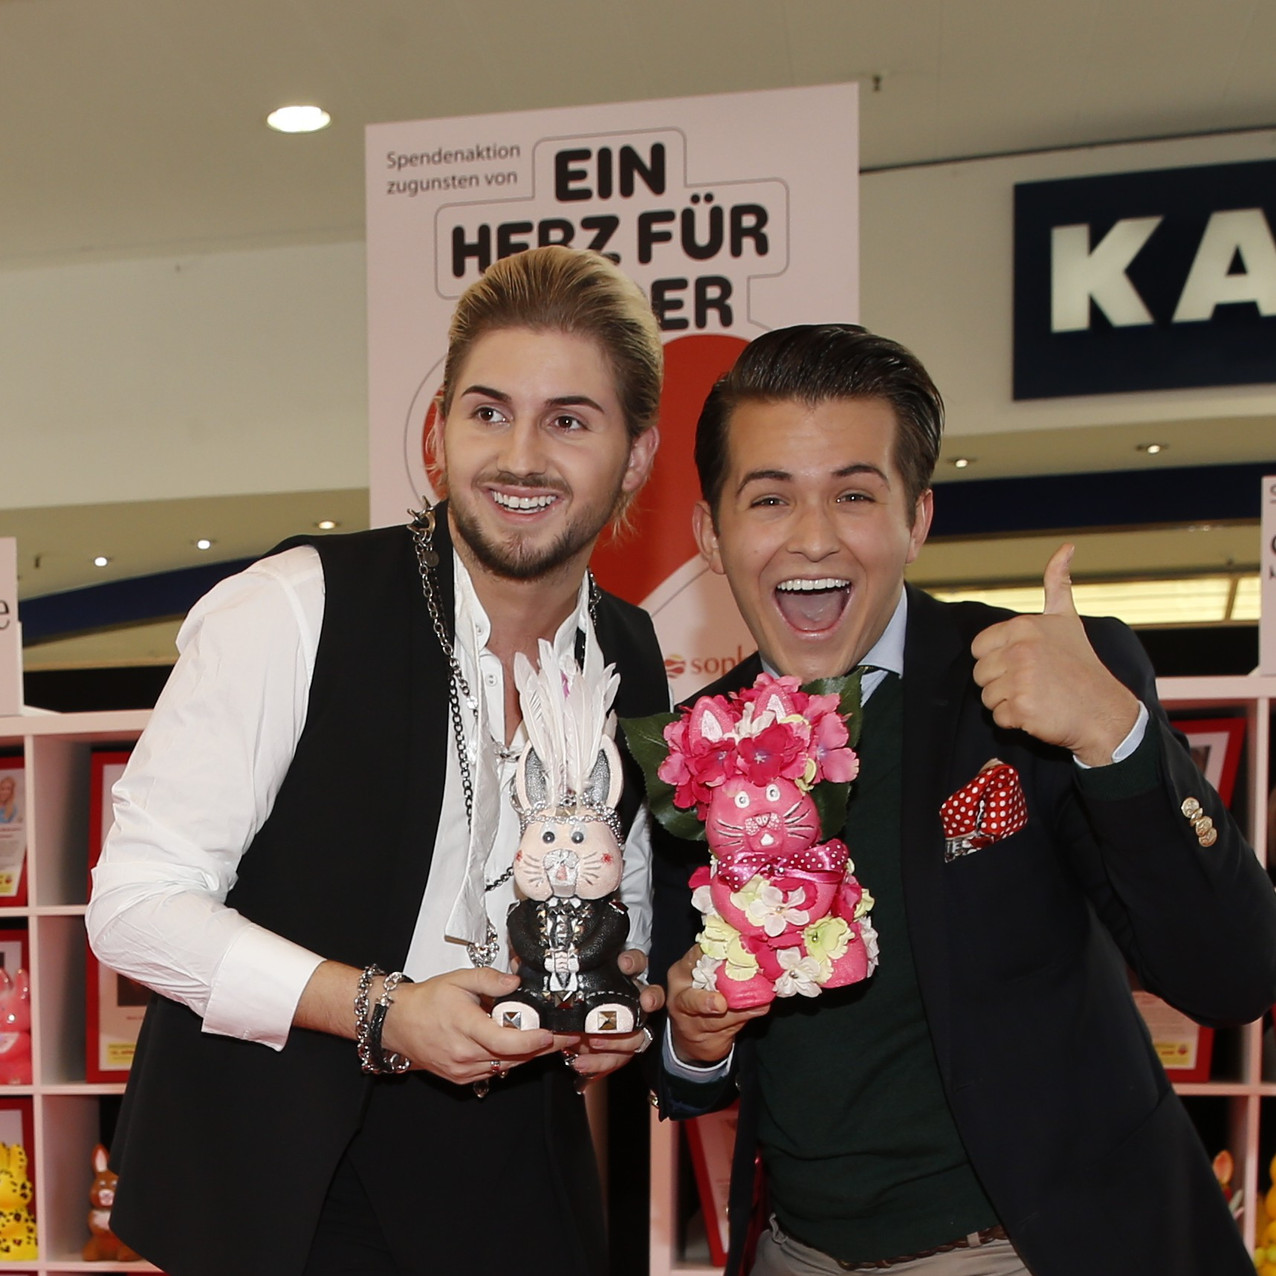 Toussis und Luca Bazzanella.JPG